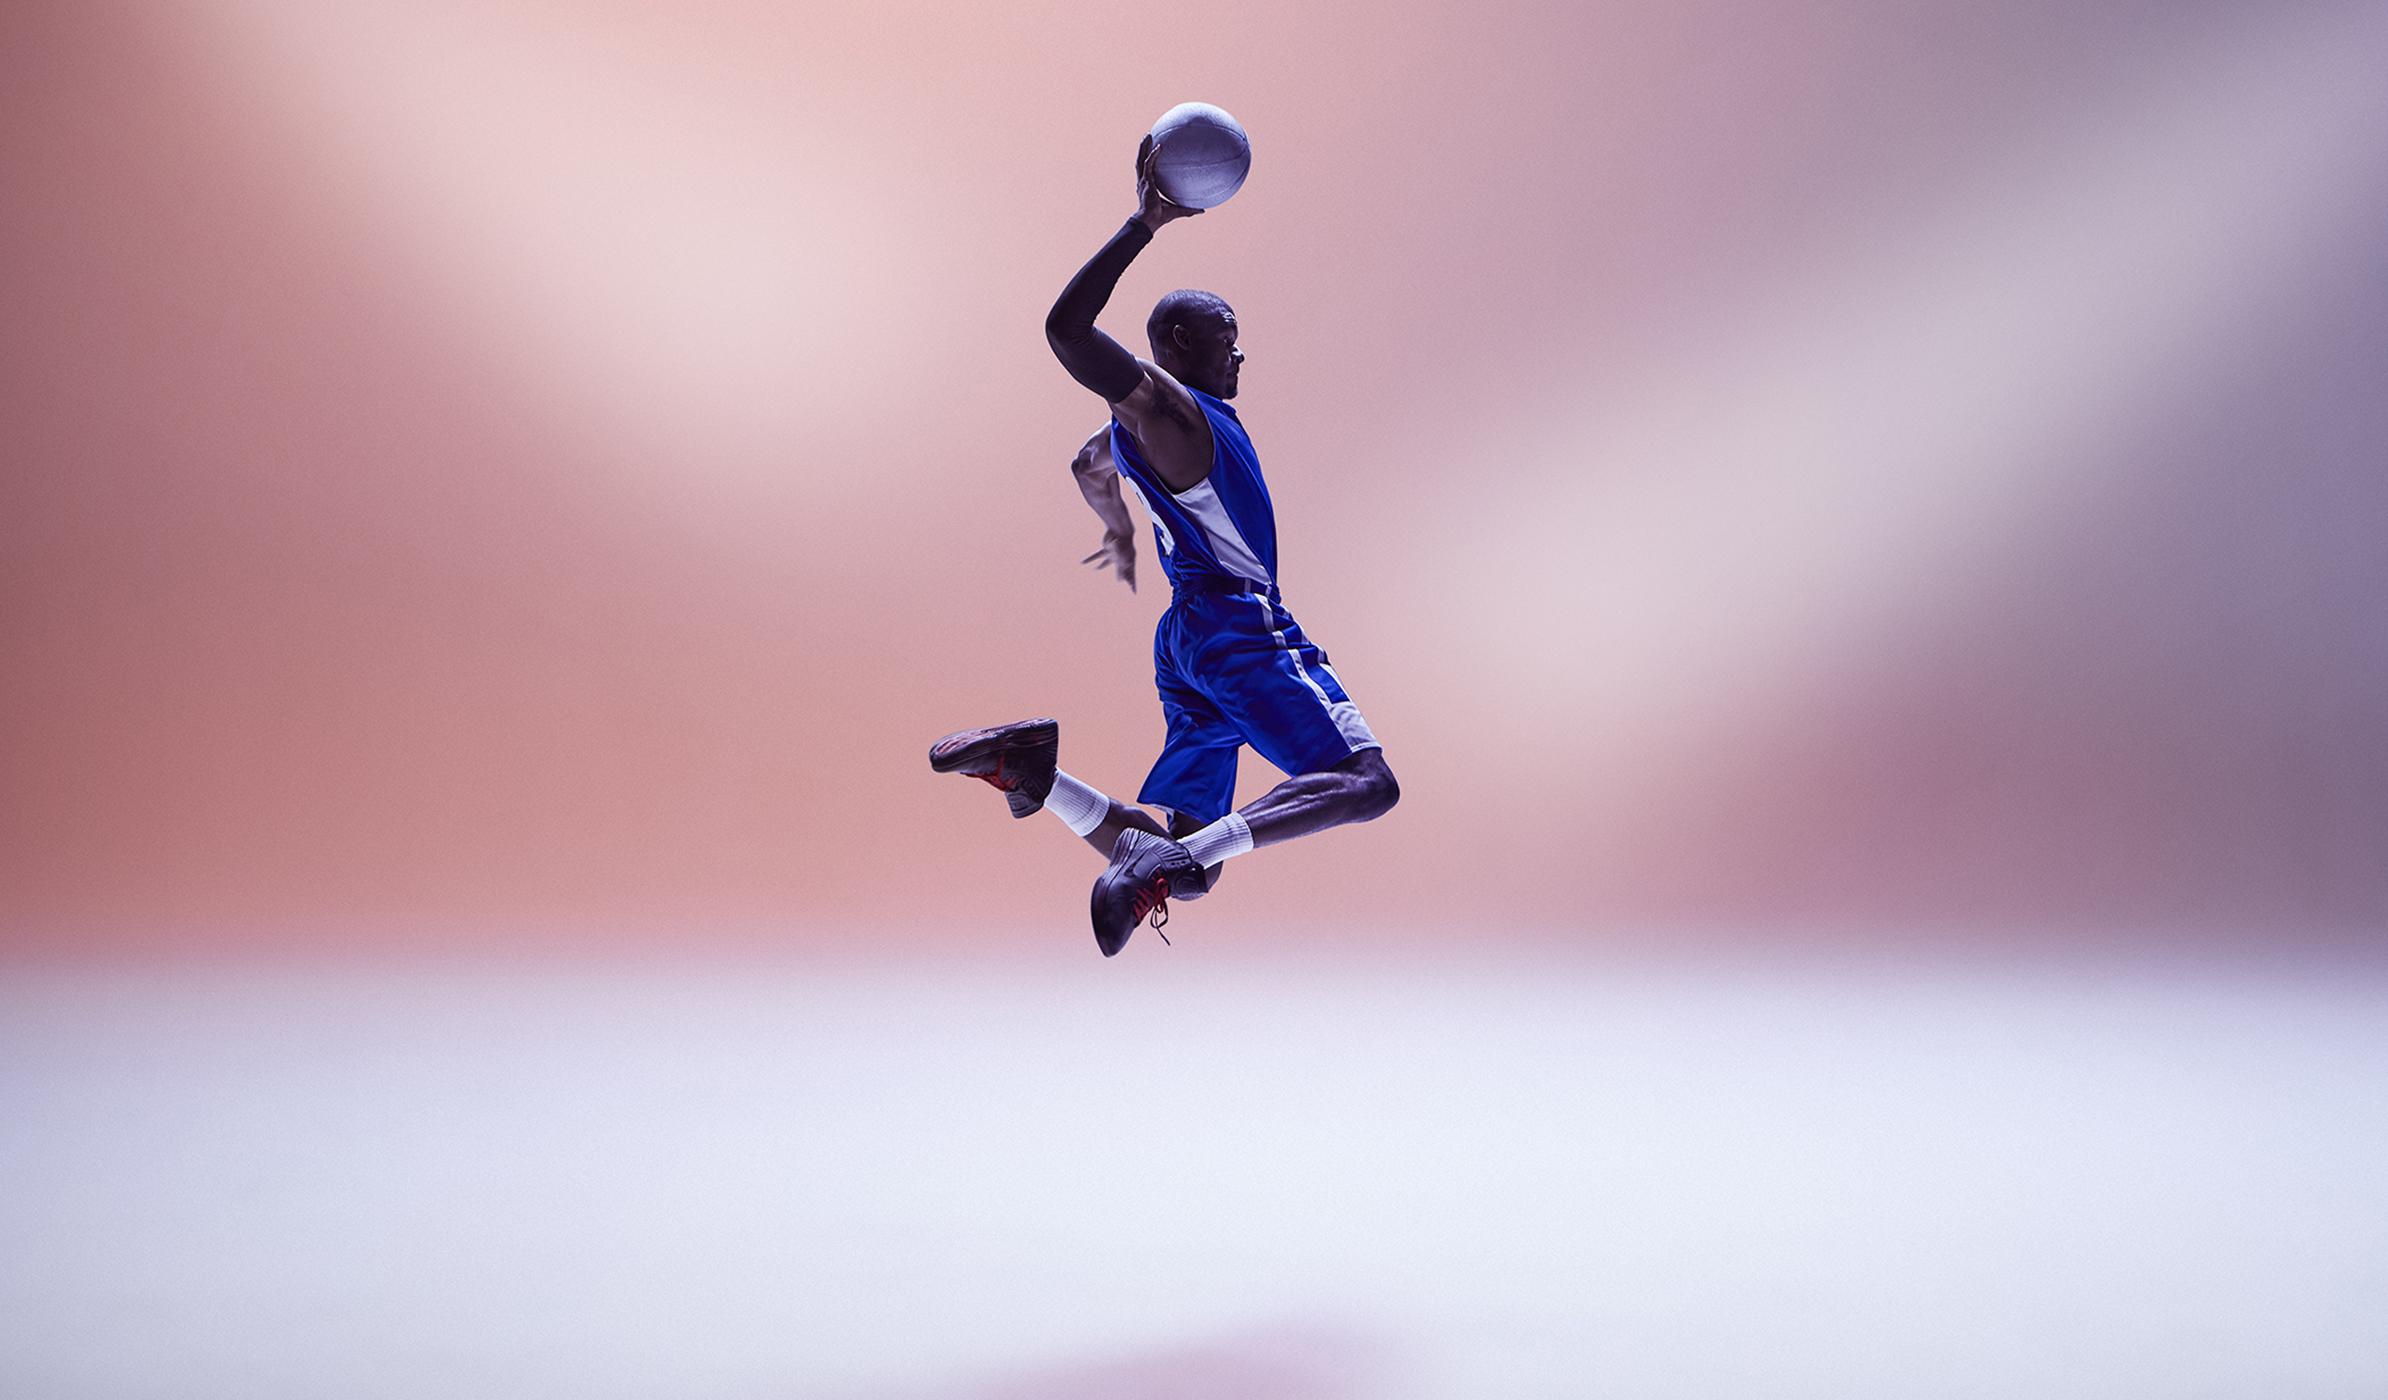 Basketball_353-crop height 1400.jpg